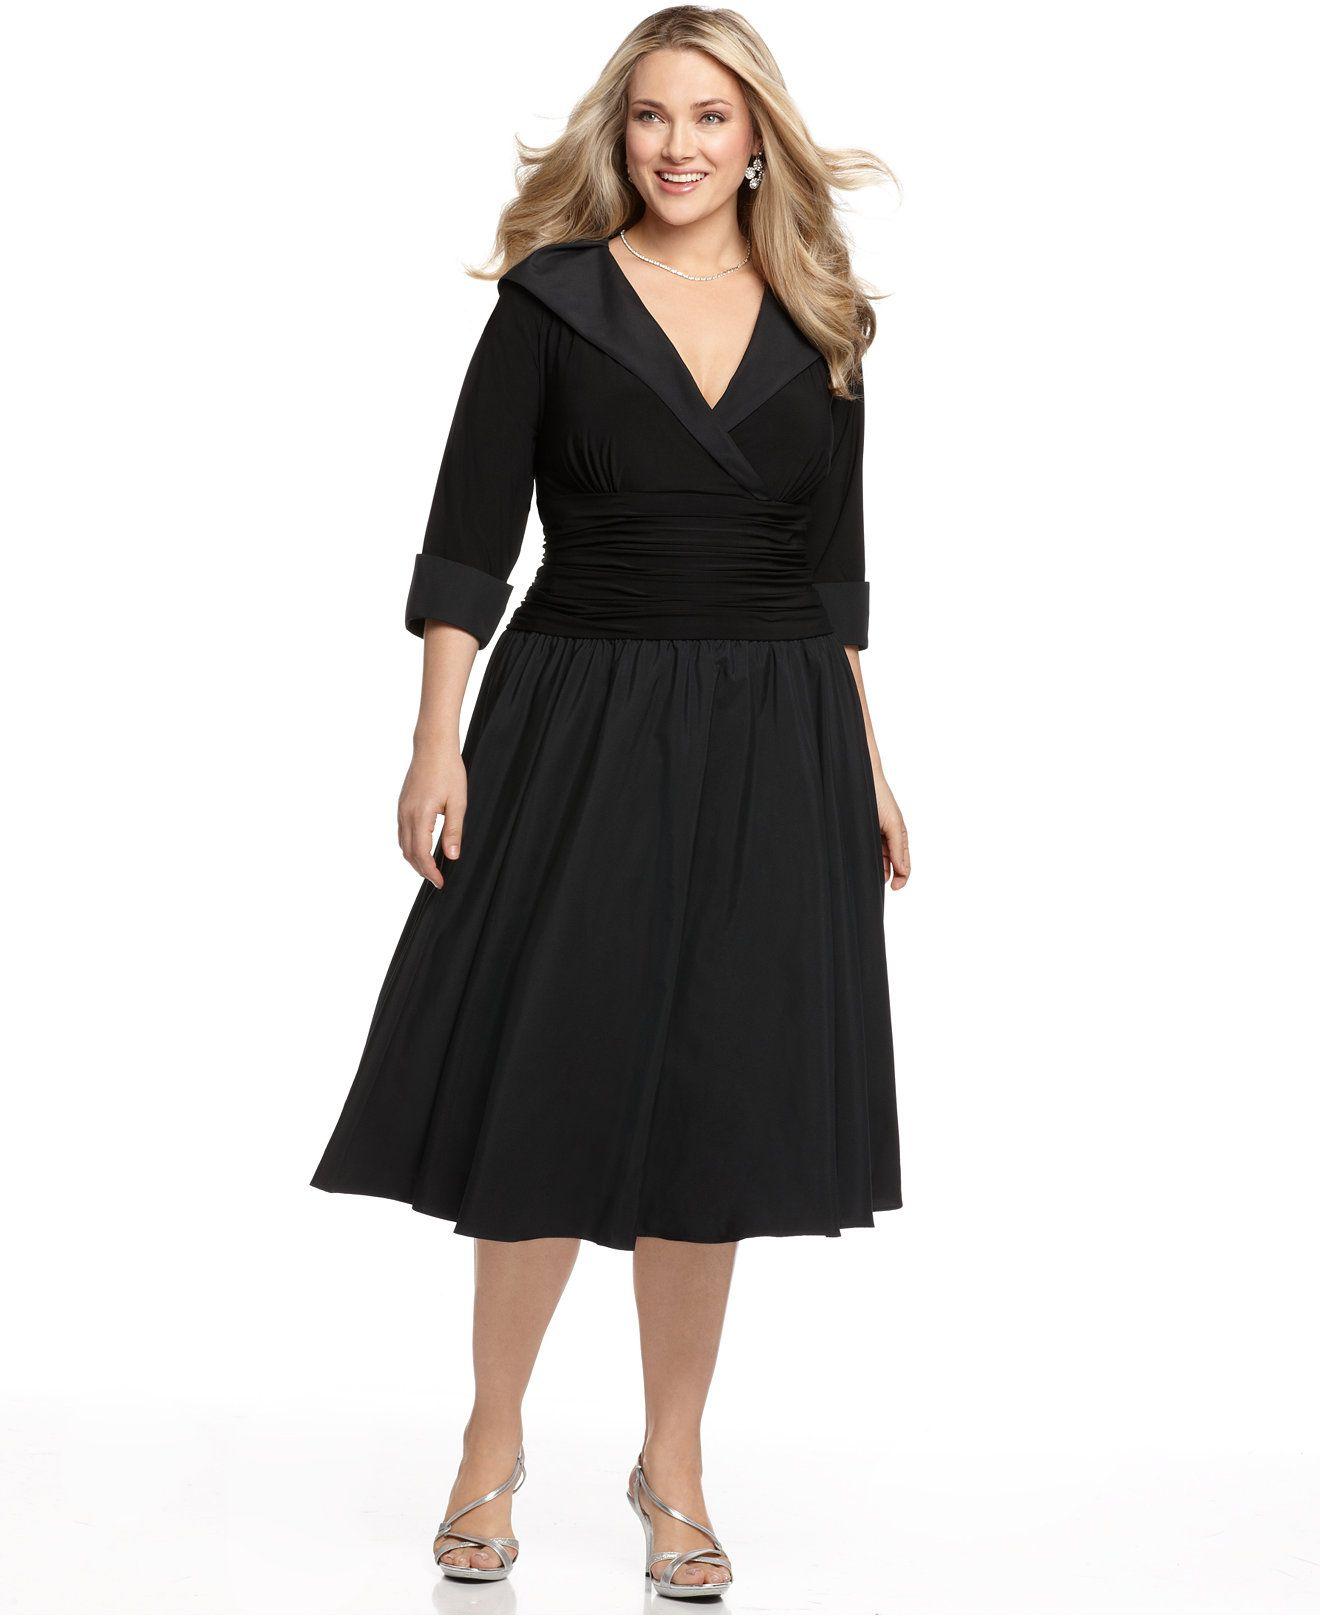 78320cd7521 Jessica Howard Plus Size Portrait Collar A-Line Dress - Dresses - Plus  Sizes - Macy s